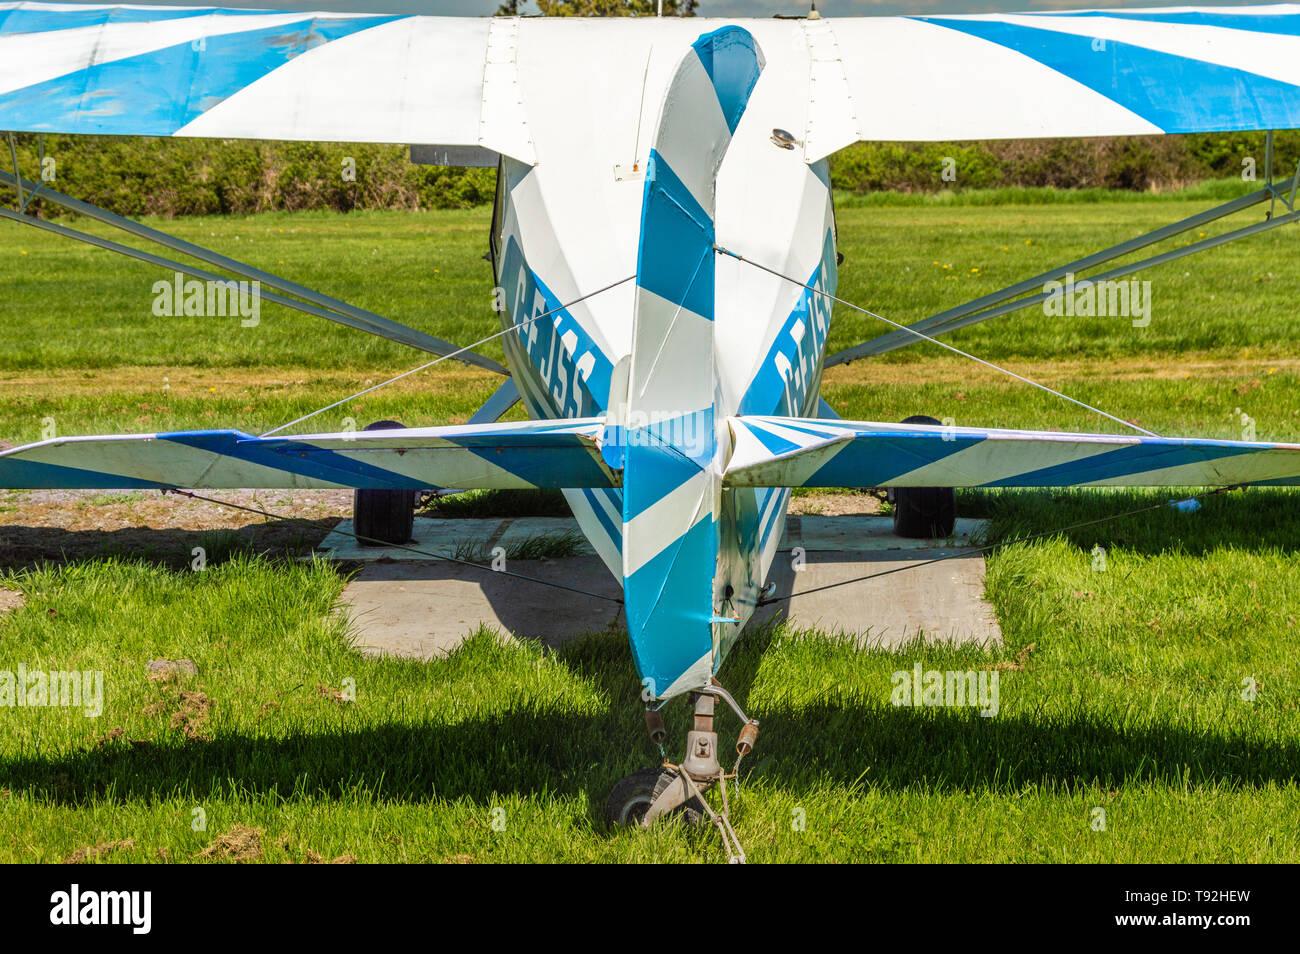 Aeronca Stock Photos & Aeronca Stock Images - Alamy